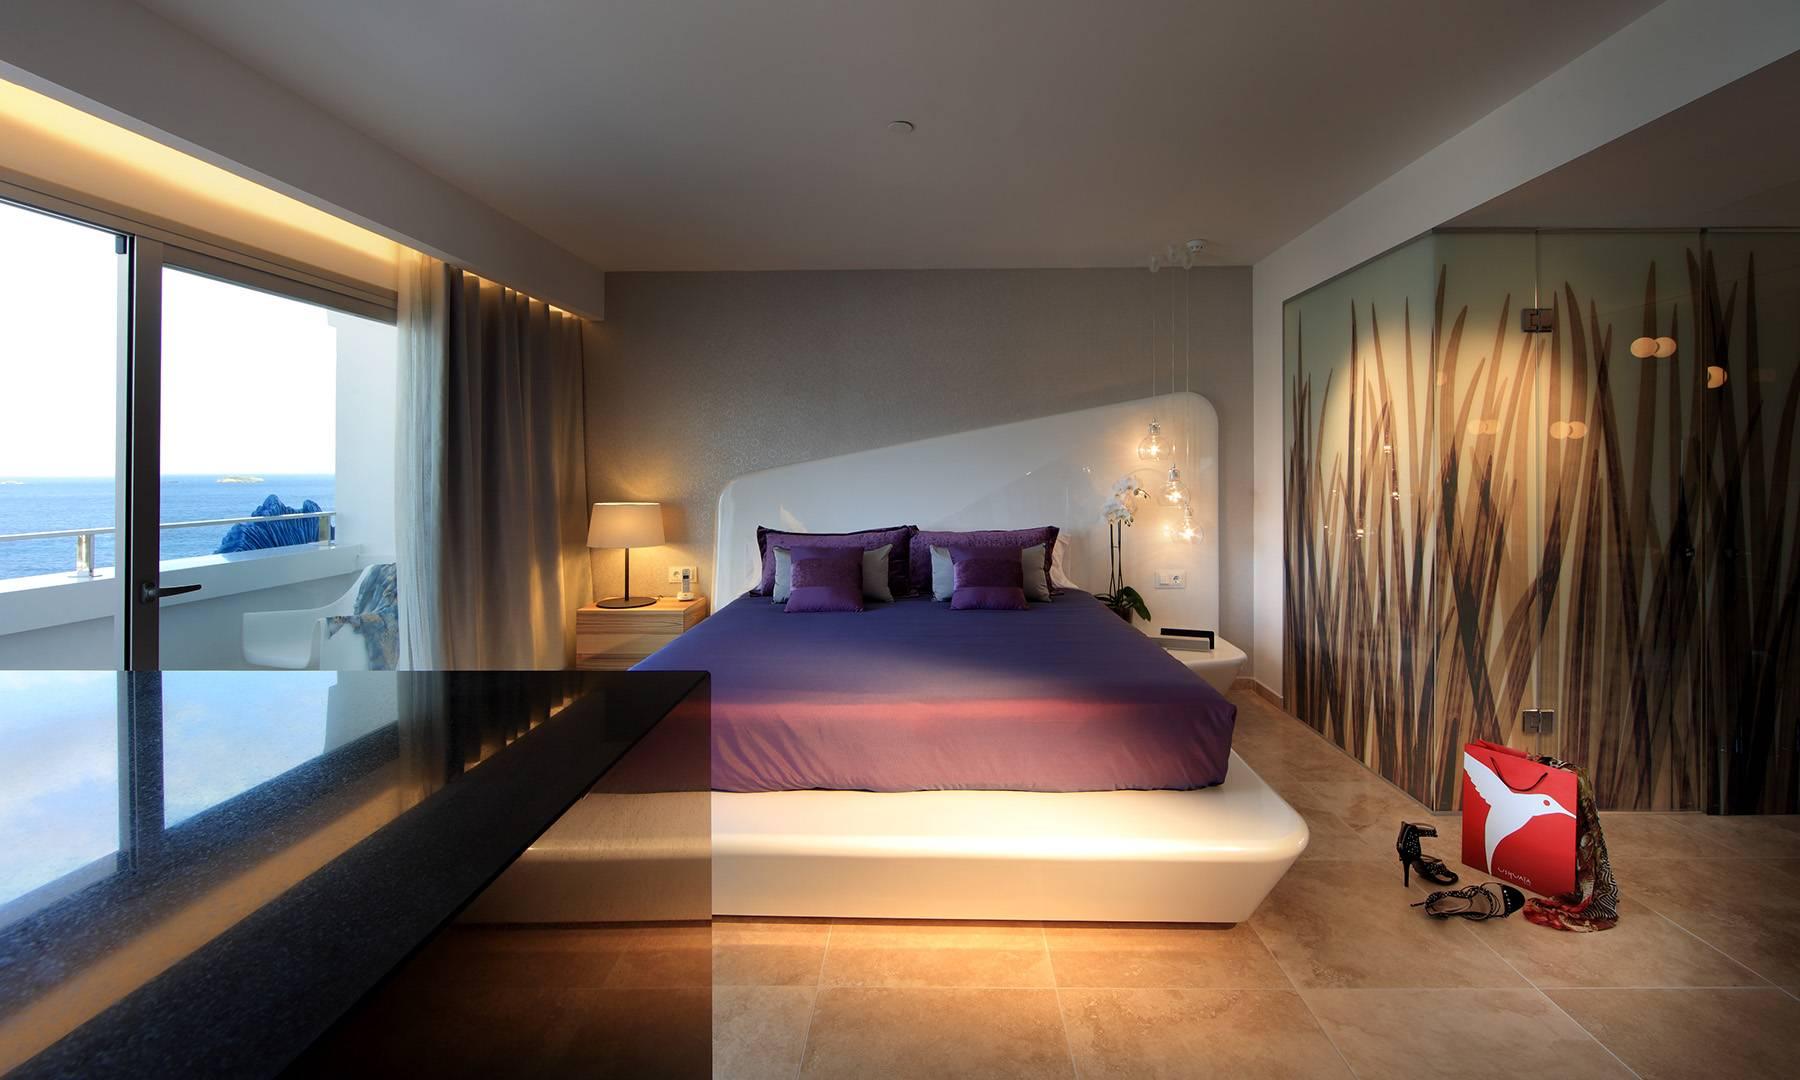 hoteles en Ibiza como el Ushuaia beach hotel